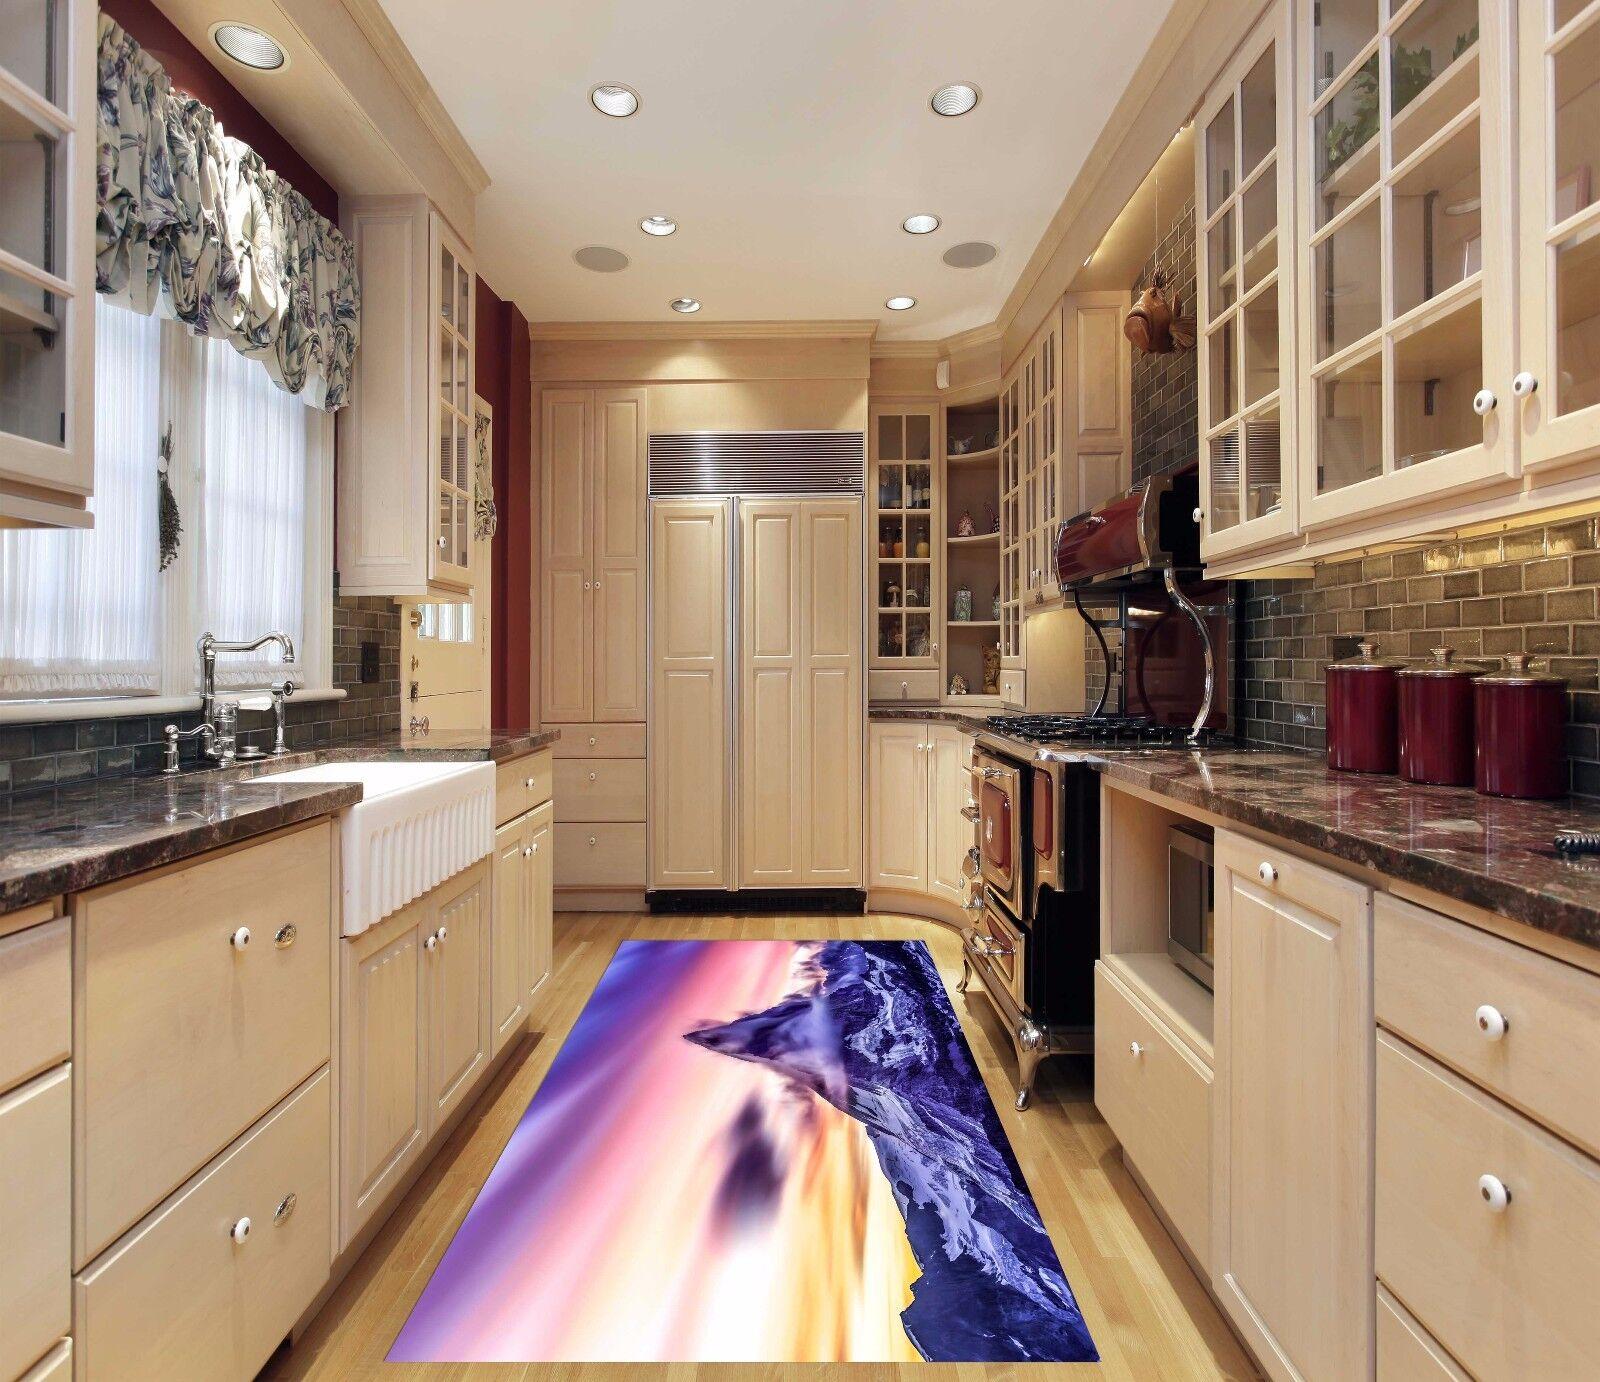 3D Peak Sky 733 Kitchen Mat Floor Murals Wall Print Wall AJ WALLPAPER AU Carly